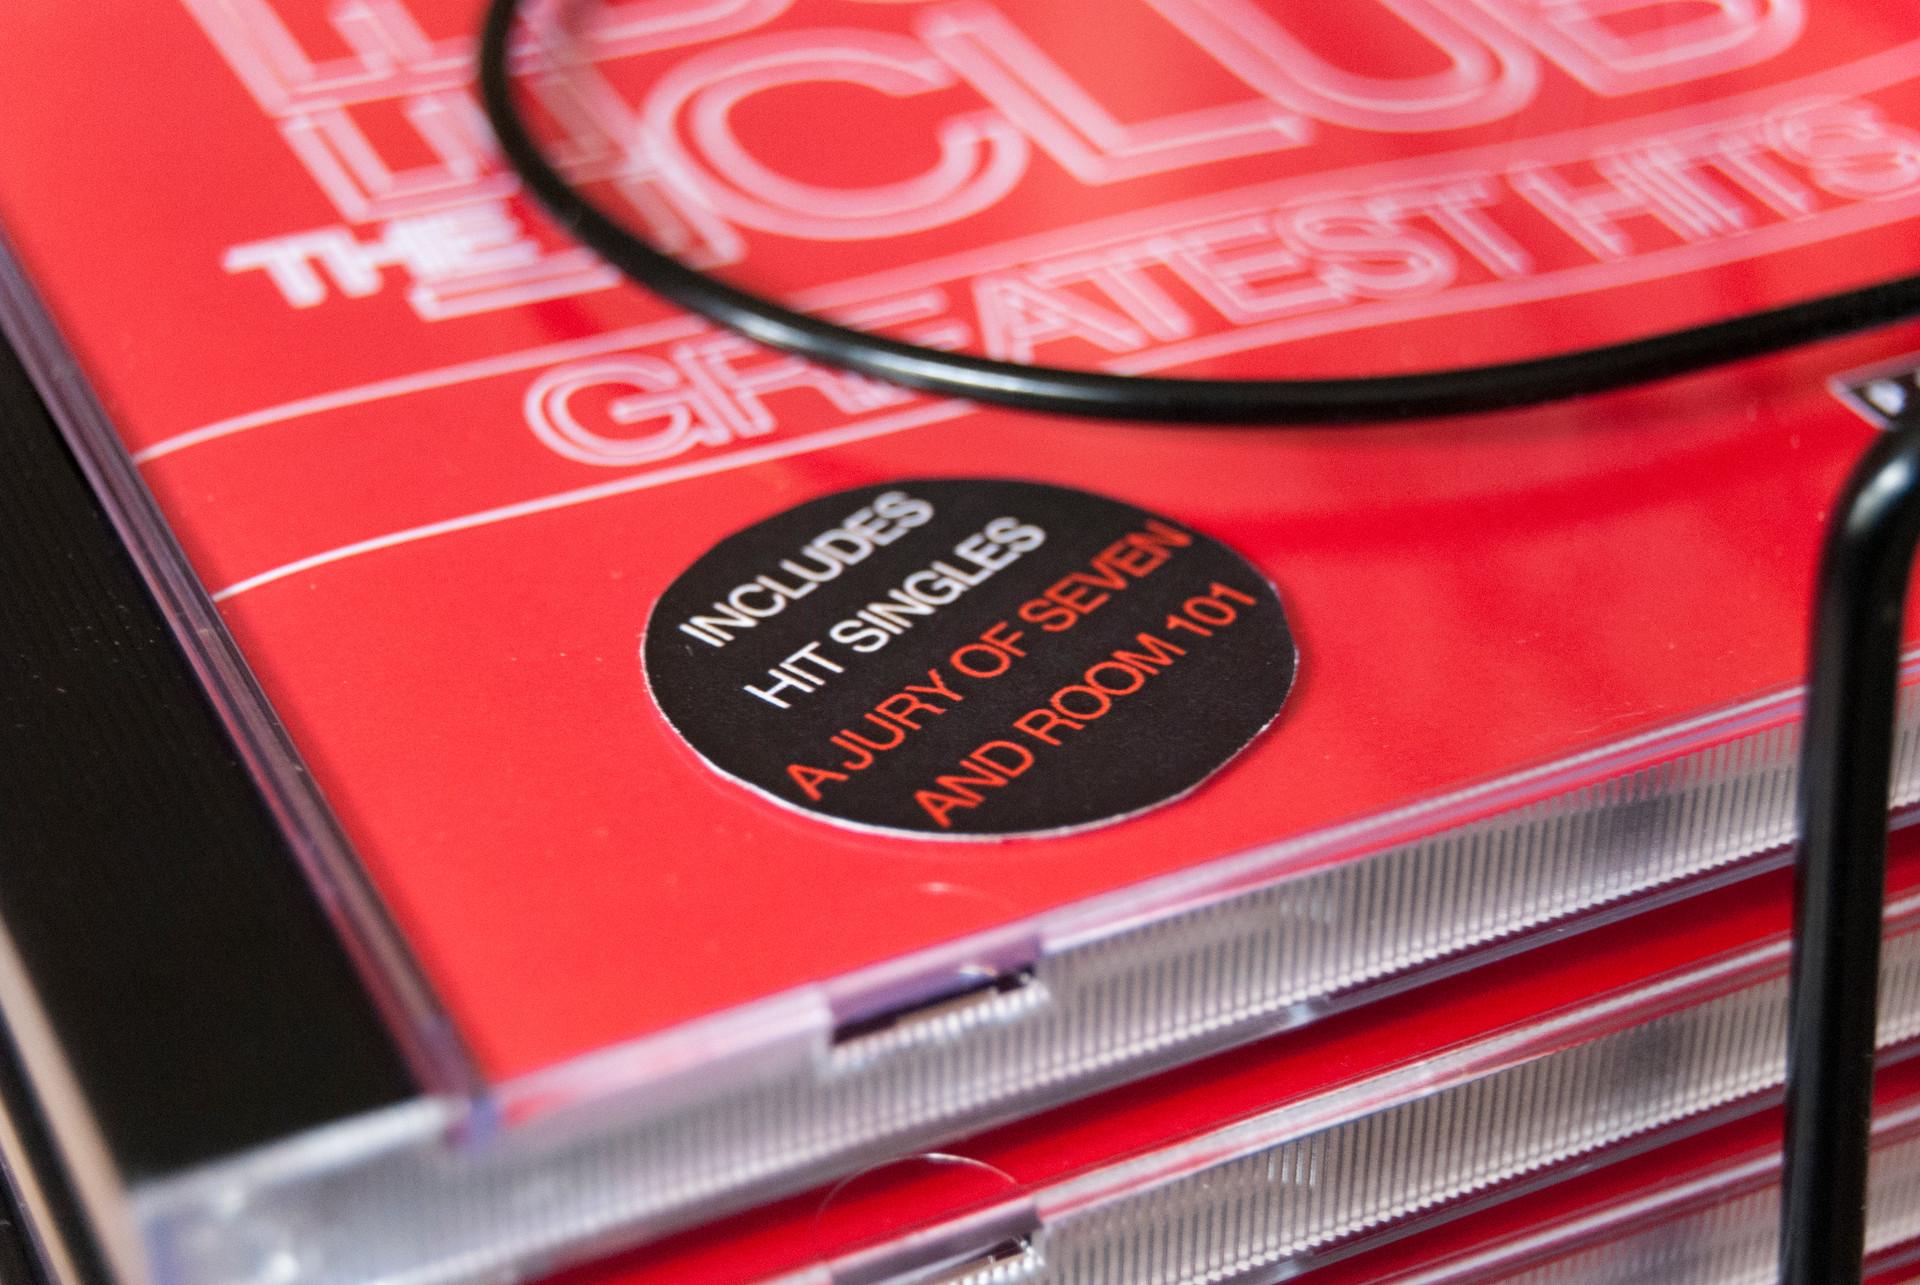 CDs_6.jpg